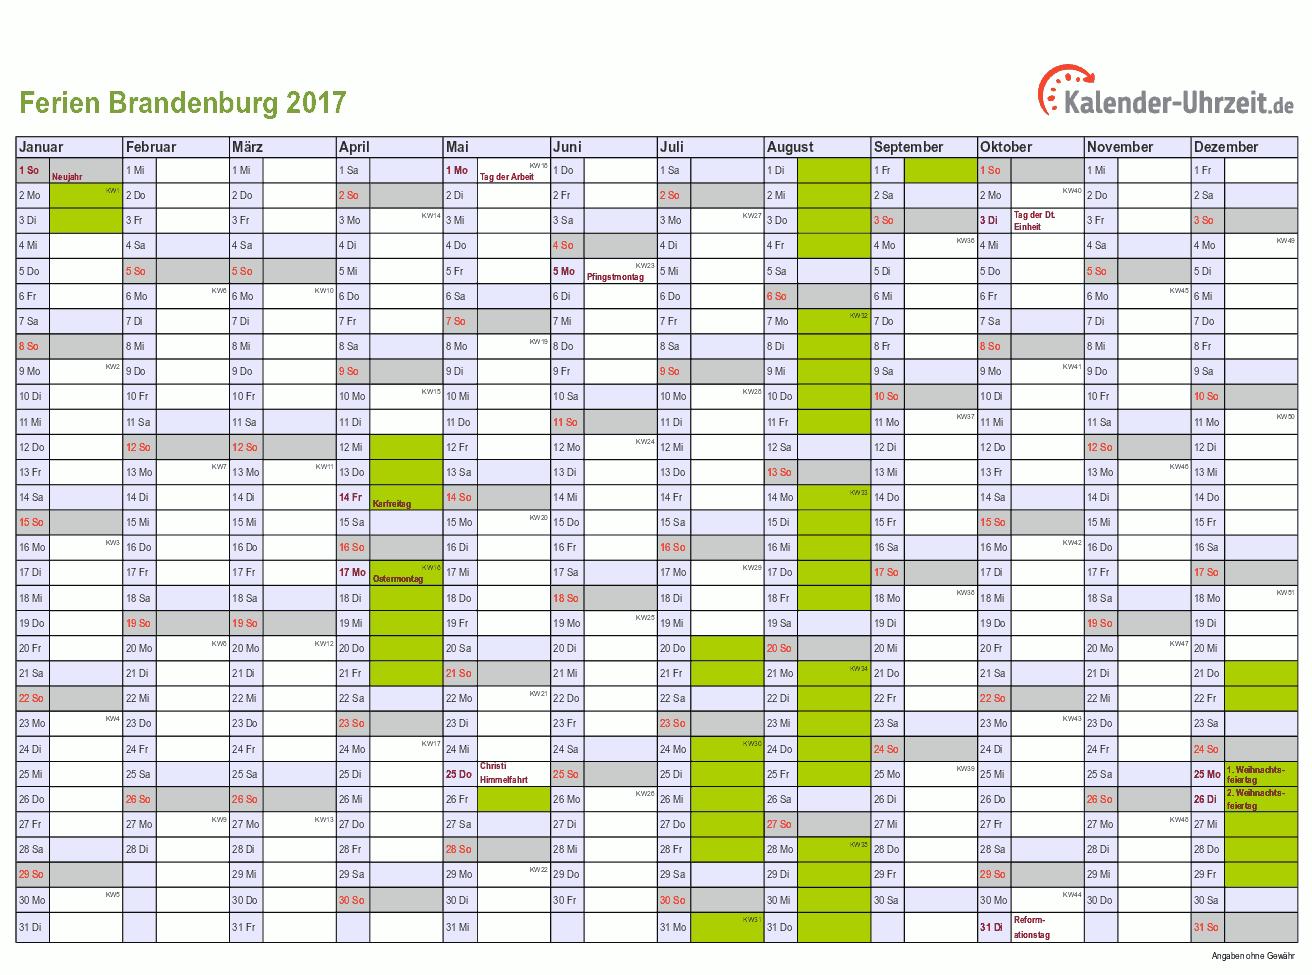 Ferien 2017 Brandenburg